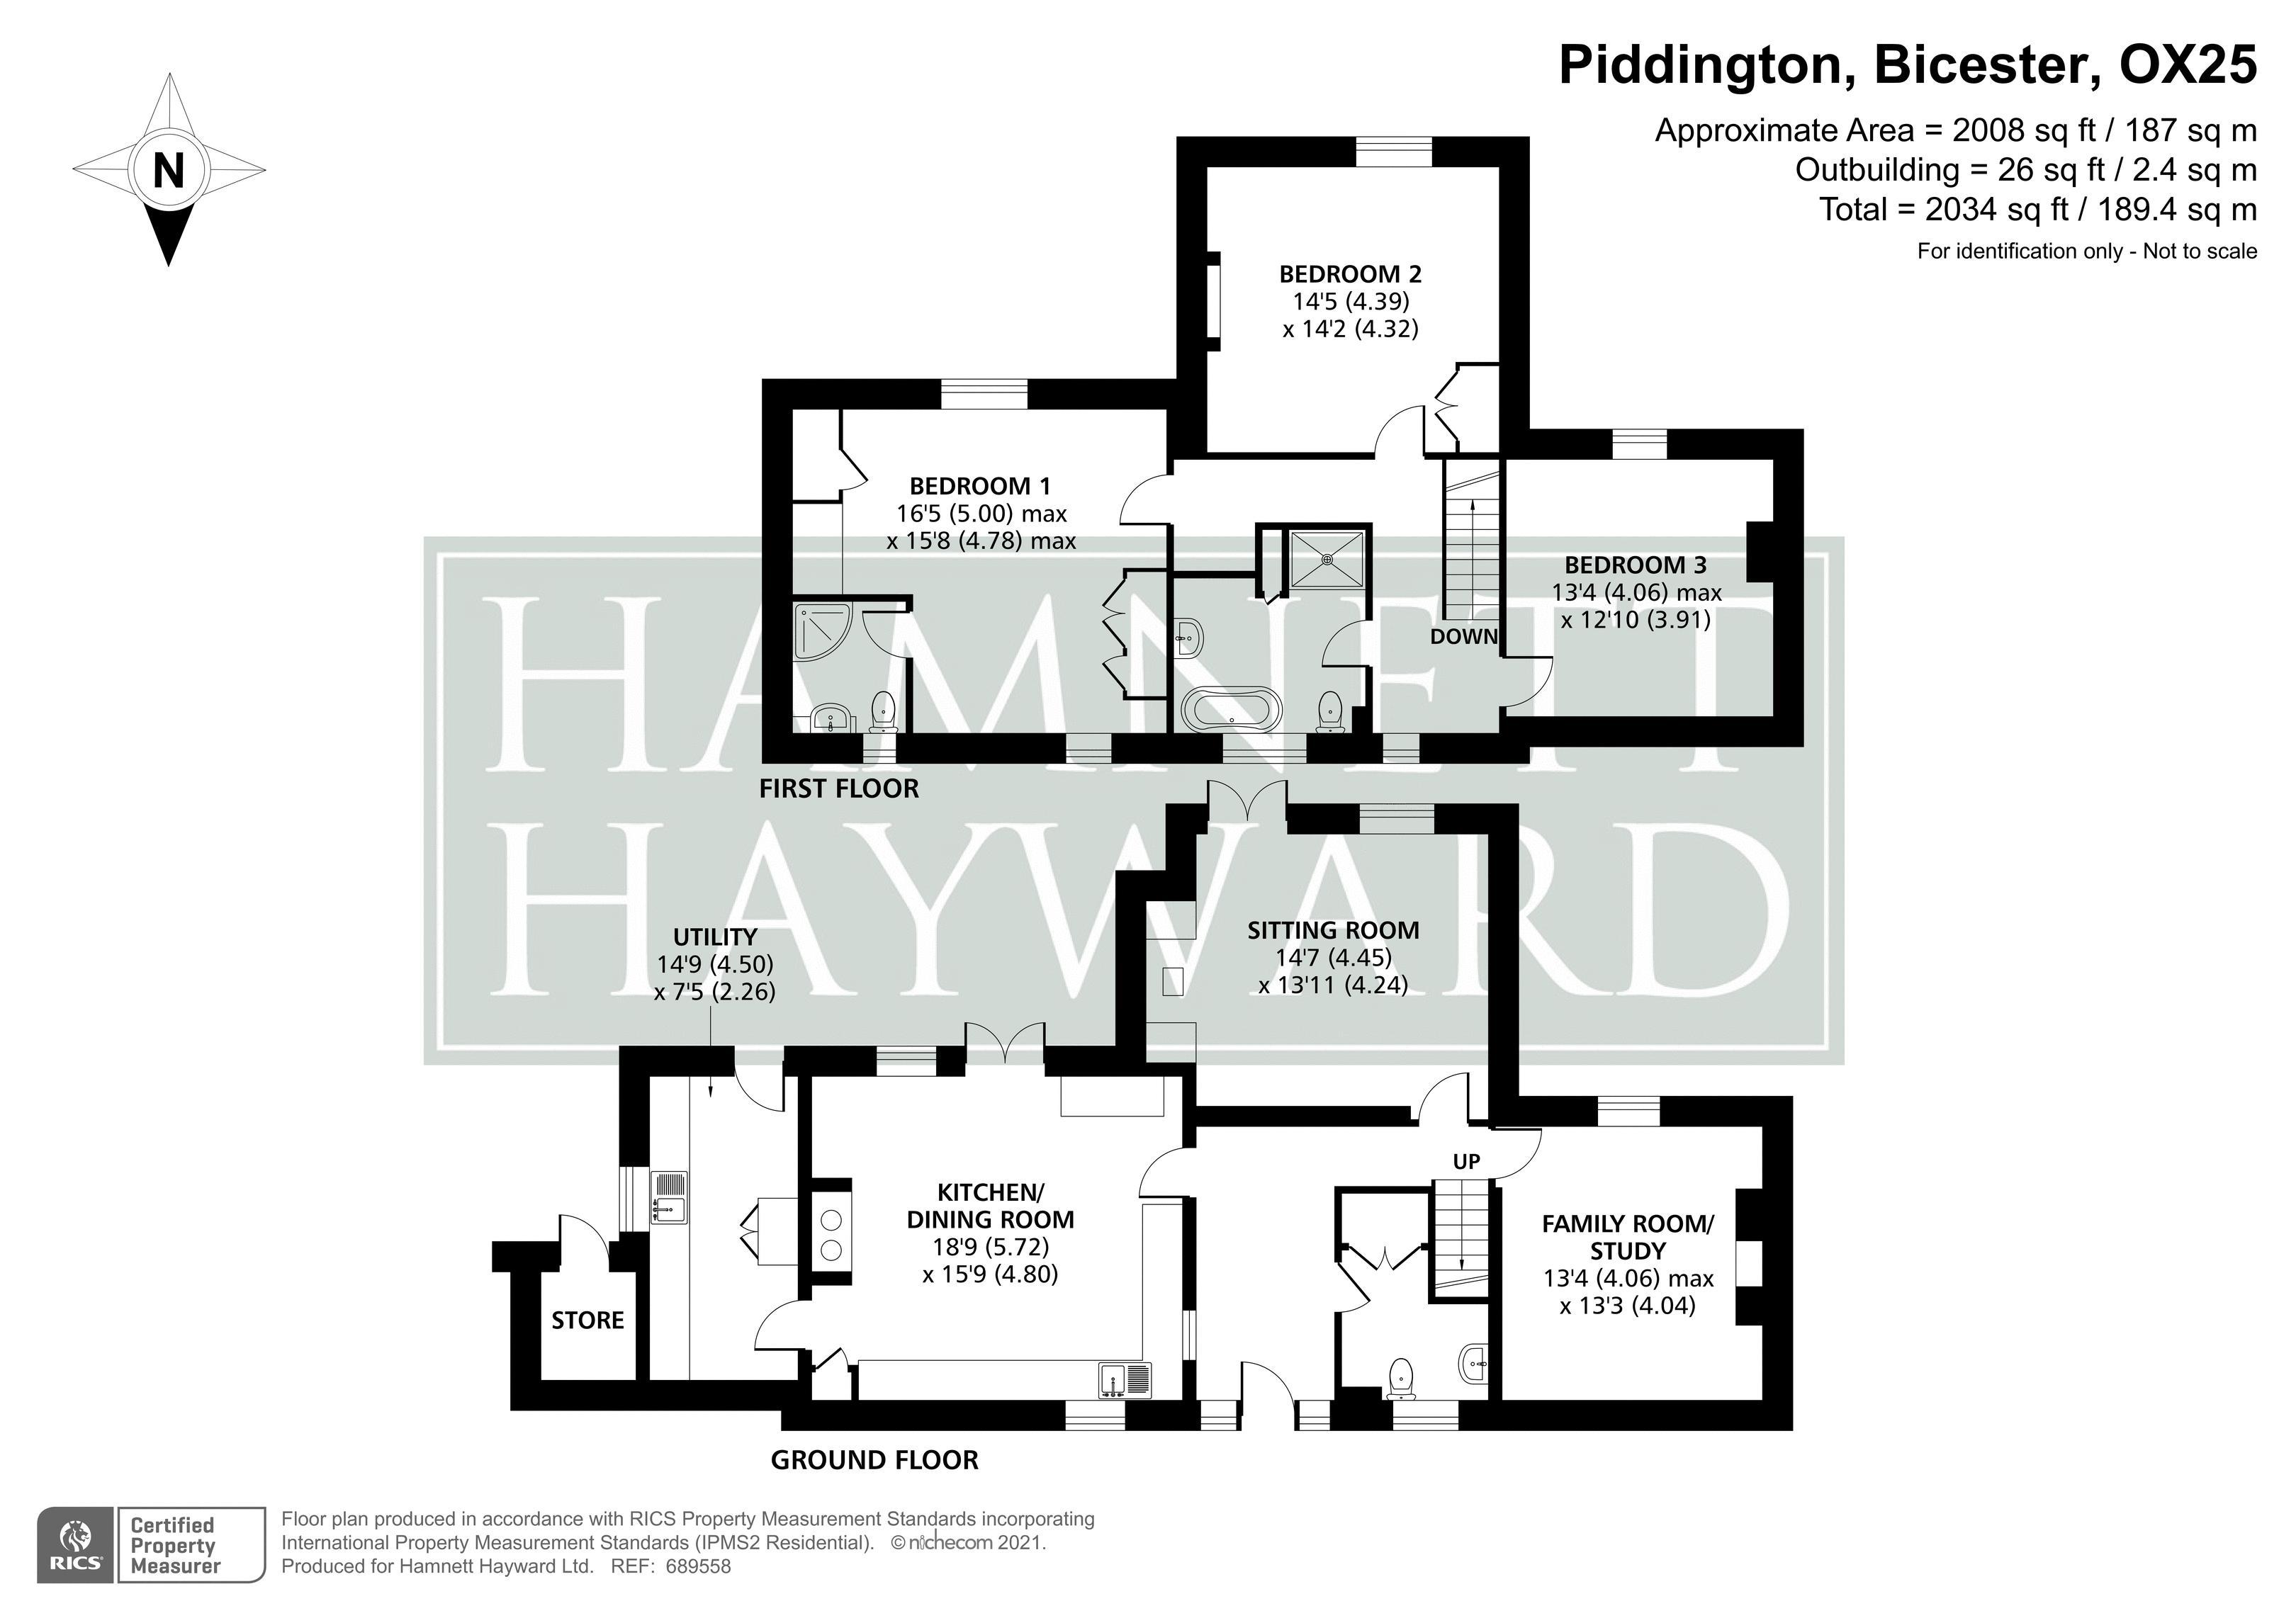 68 Lower End Piddington